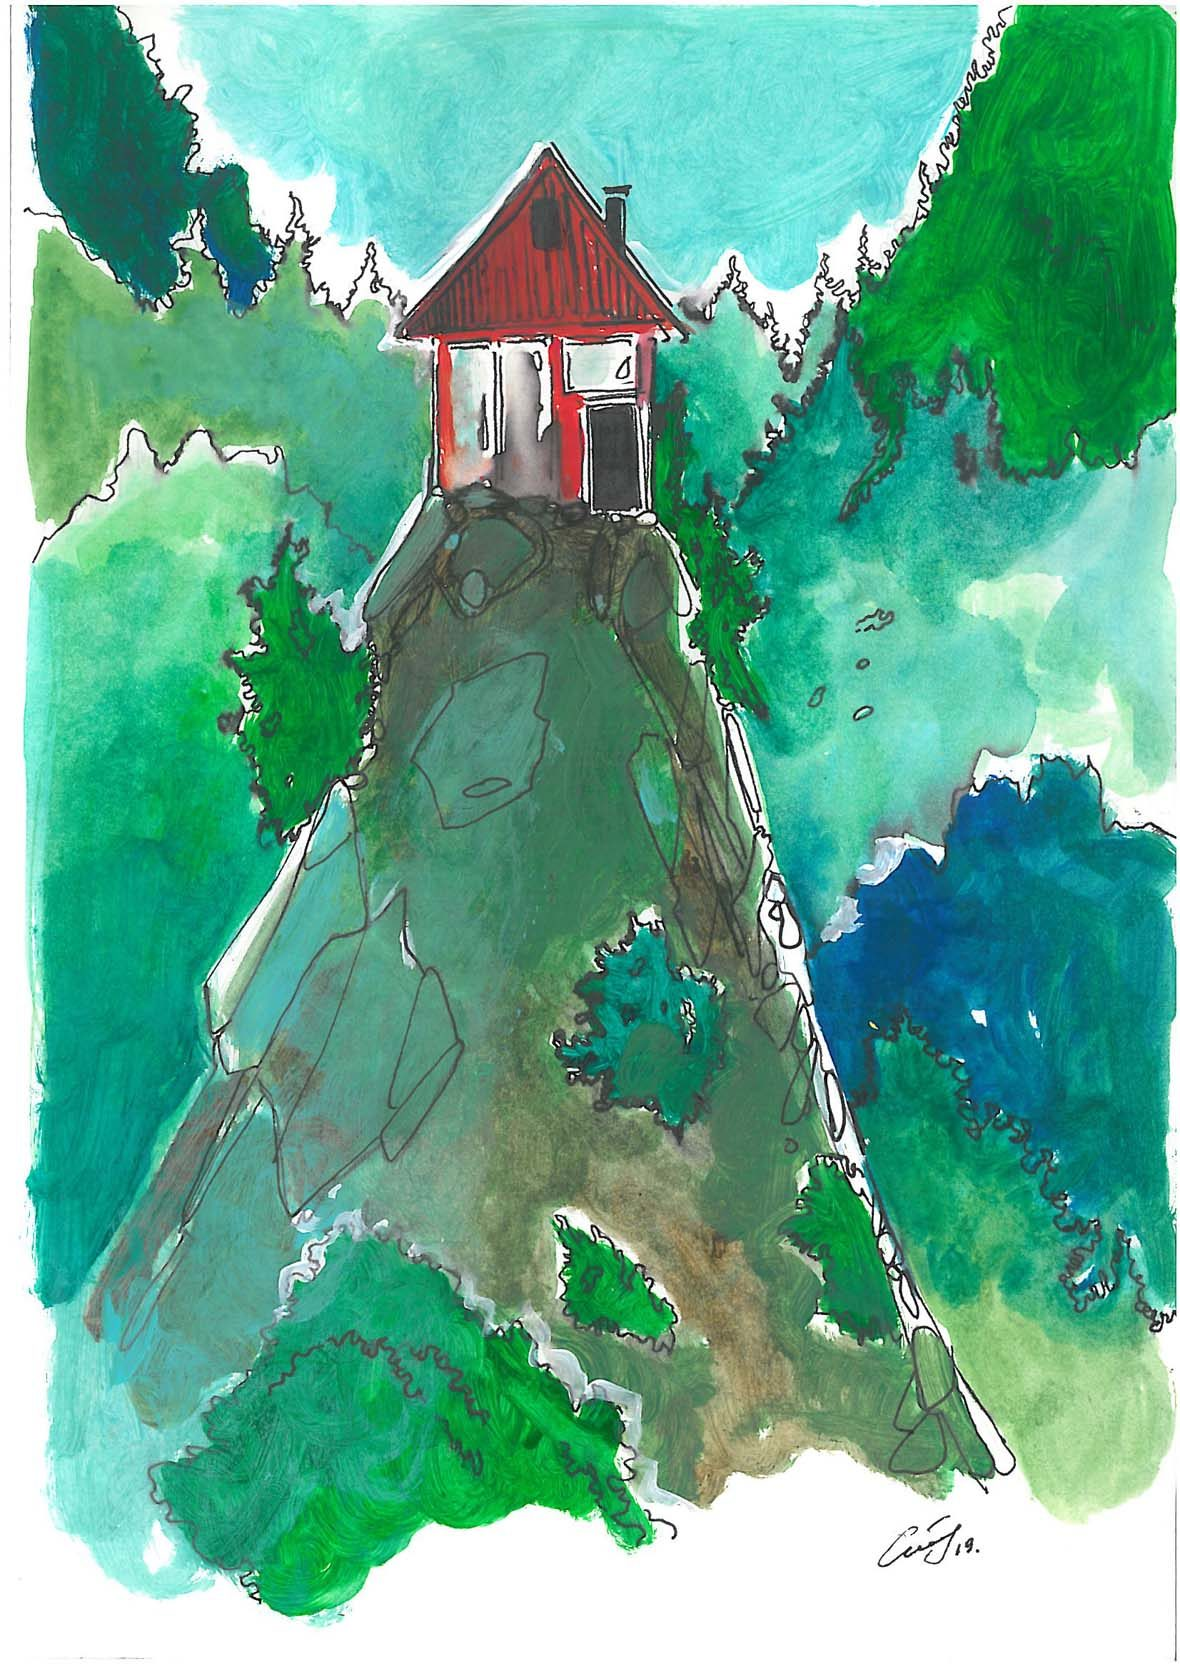 Auf der Zeichnung sieht man ein rotes Häuschen auf einem hohen Berg. Ringsherum sind grüne Wälder und Bäume angedeutet.